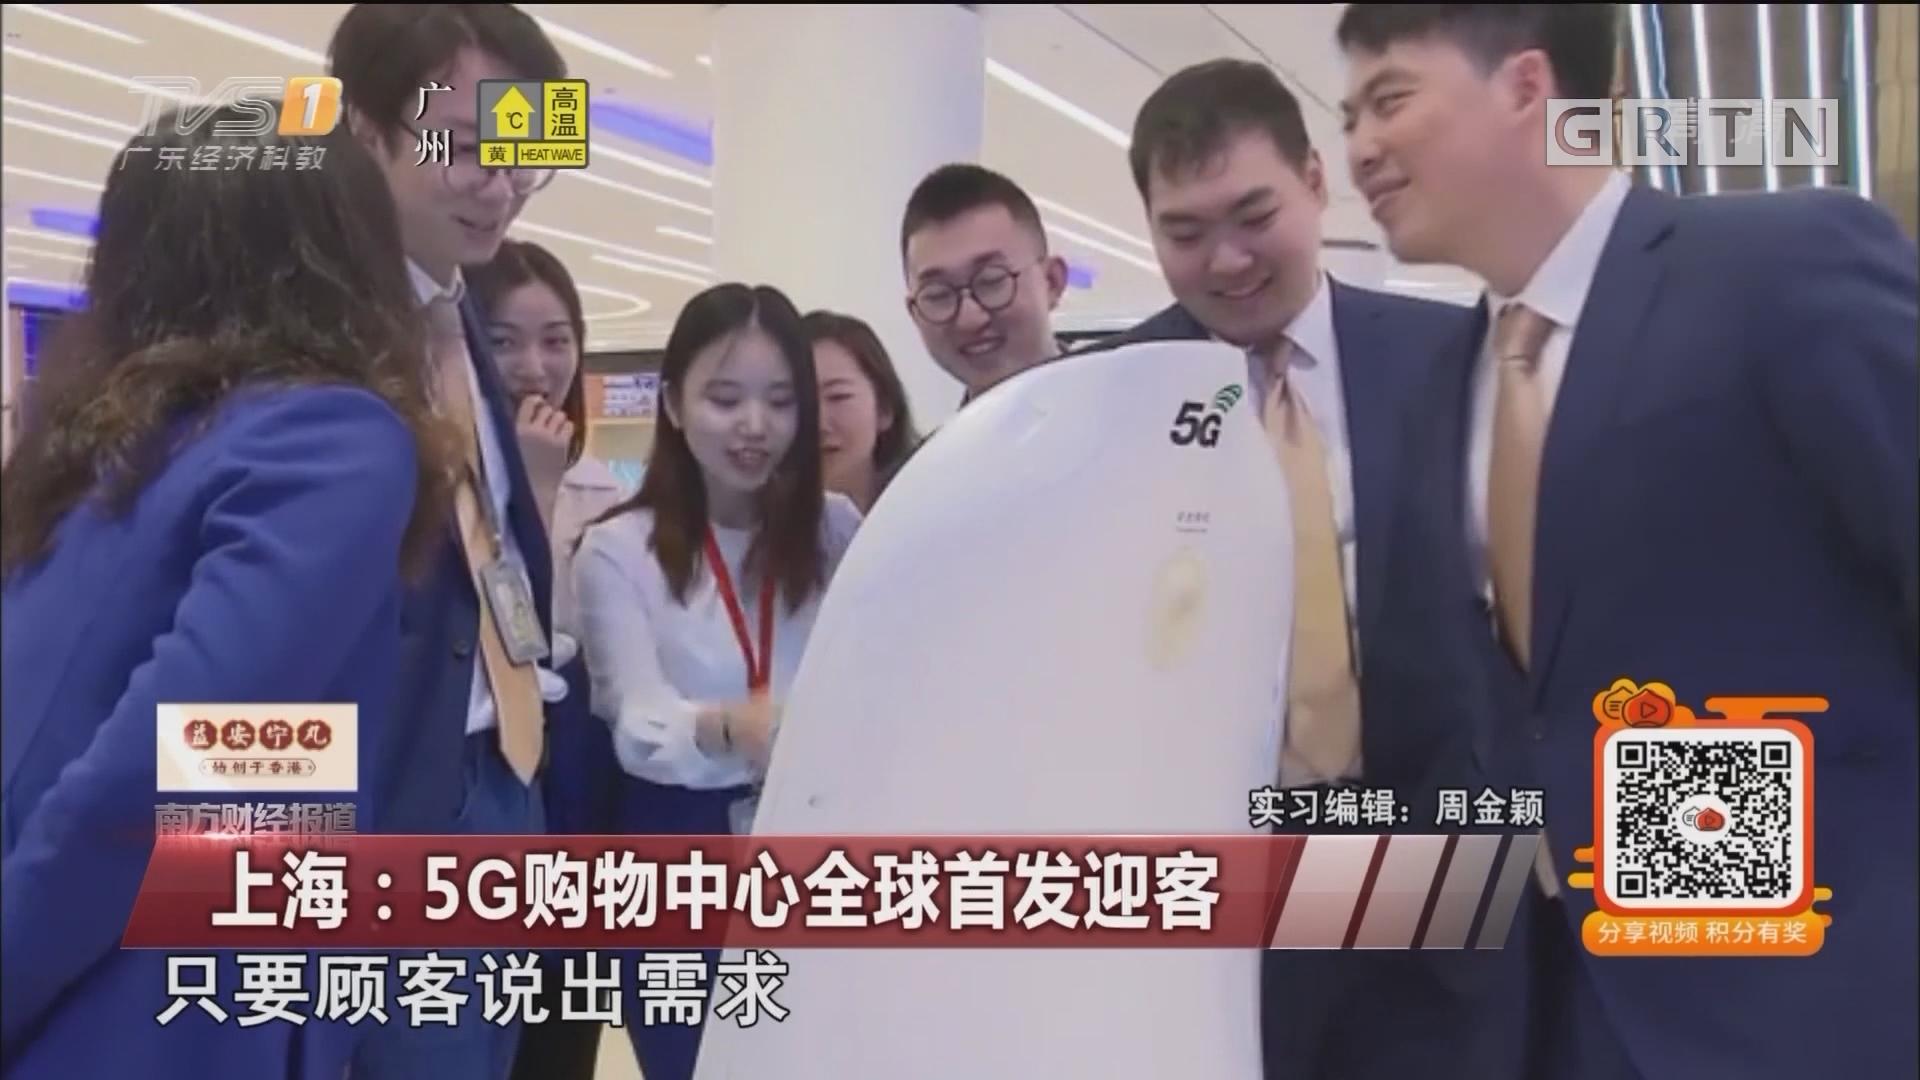 上海:5G购物中心全球首发迎客